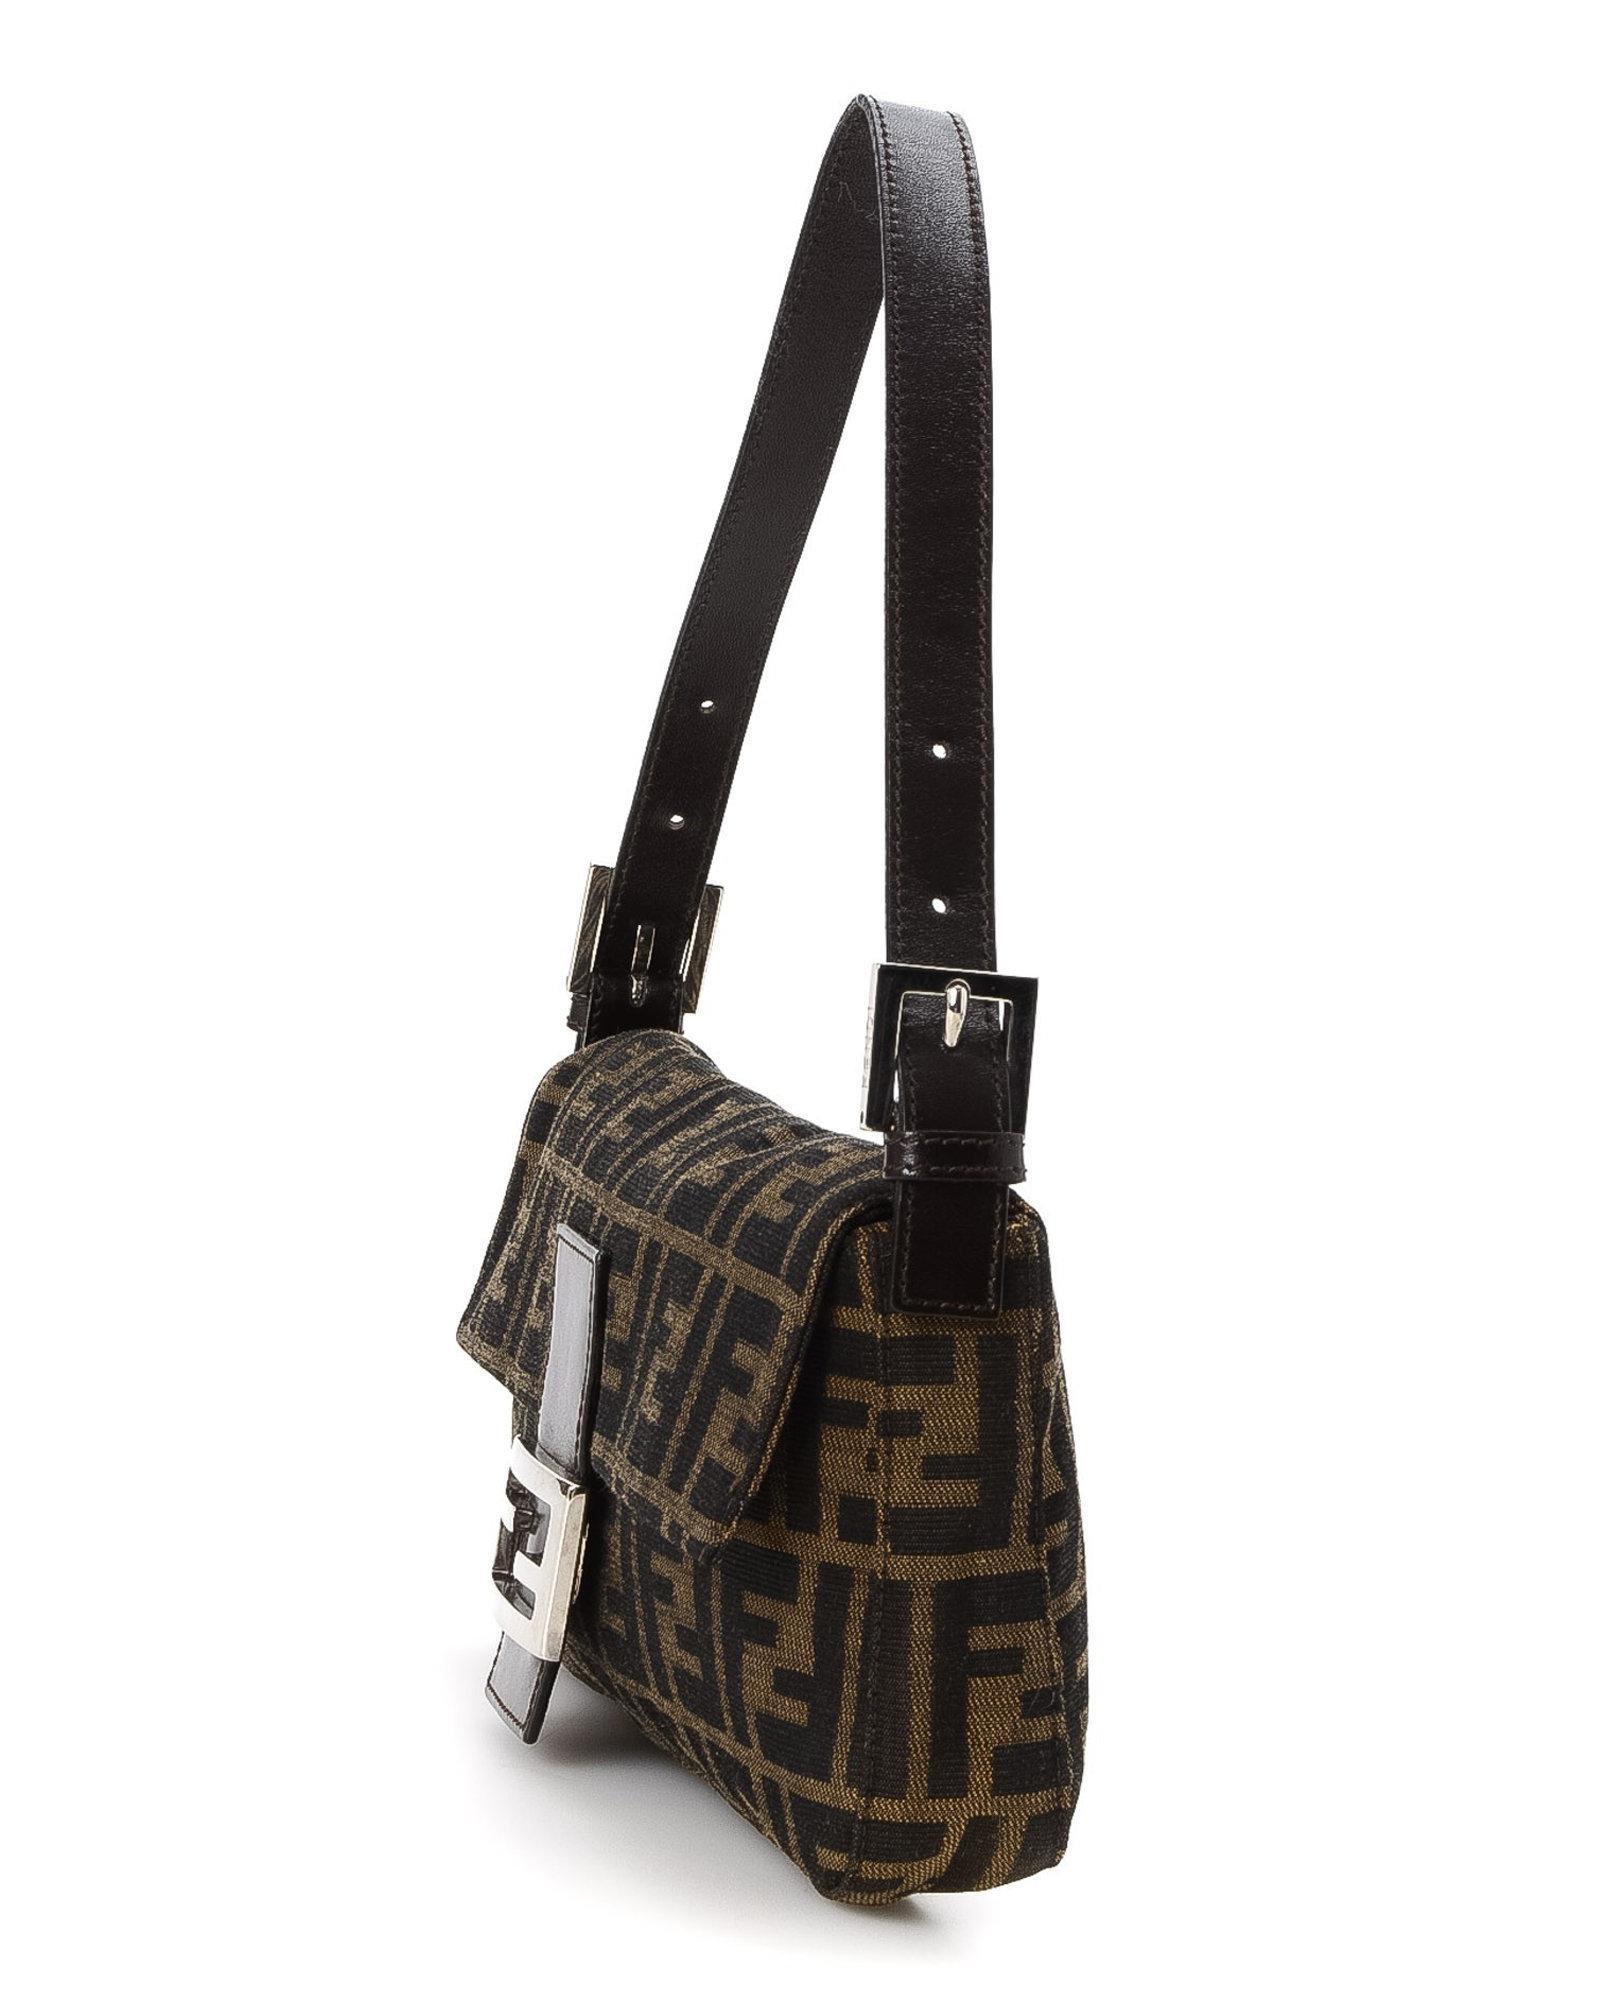 bd865ffa8 Fendi Zucca Baguette Shoulder Bag - Vintage in Brown - Lyst